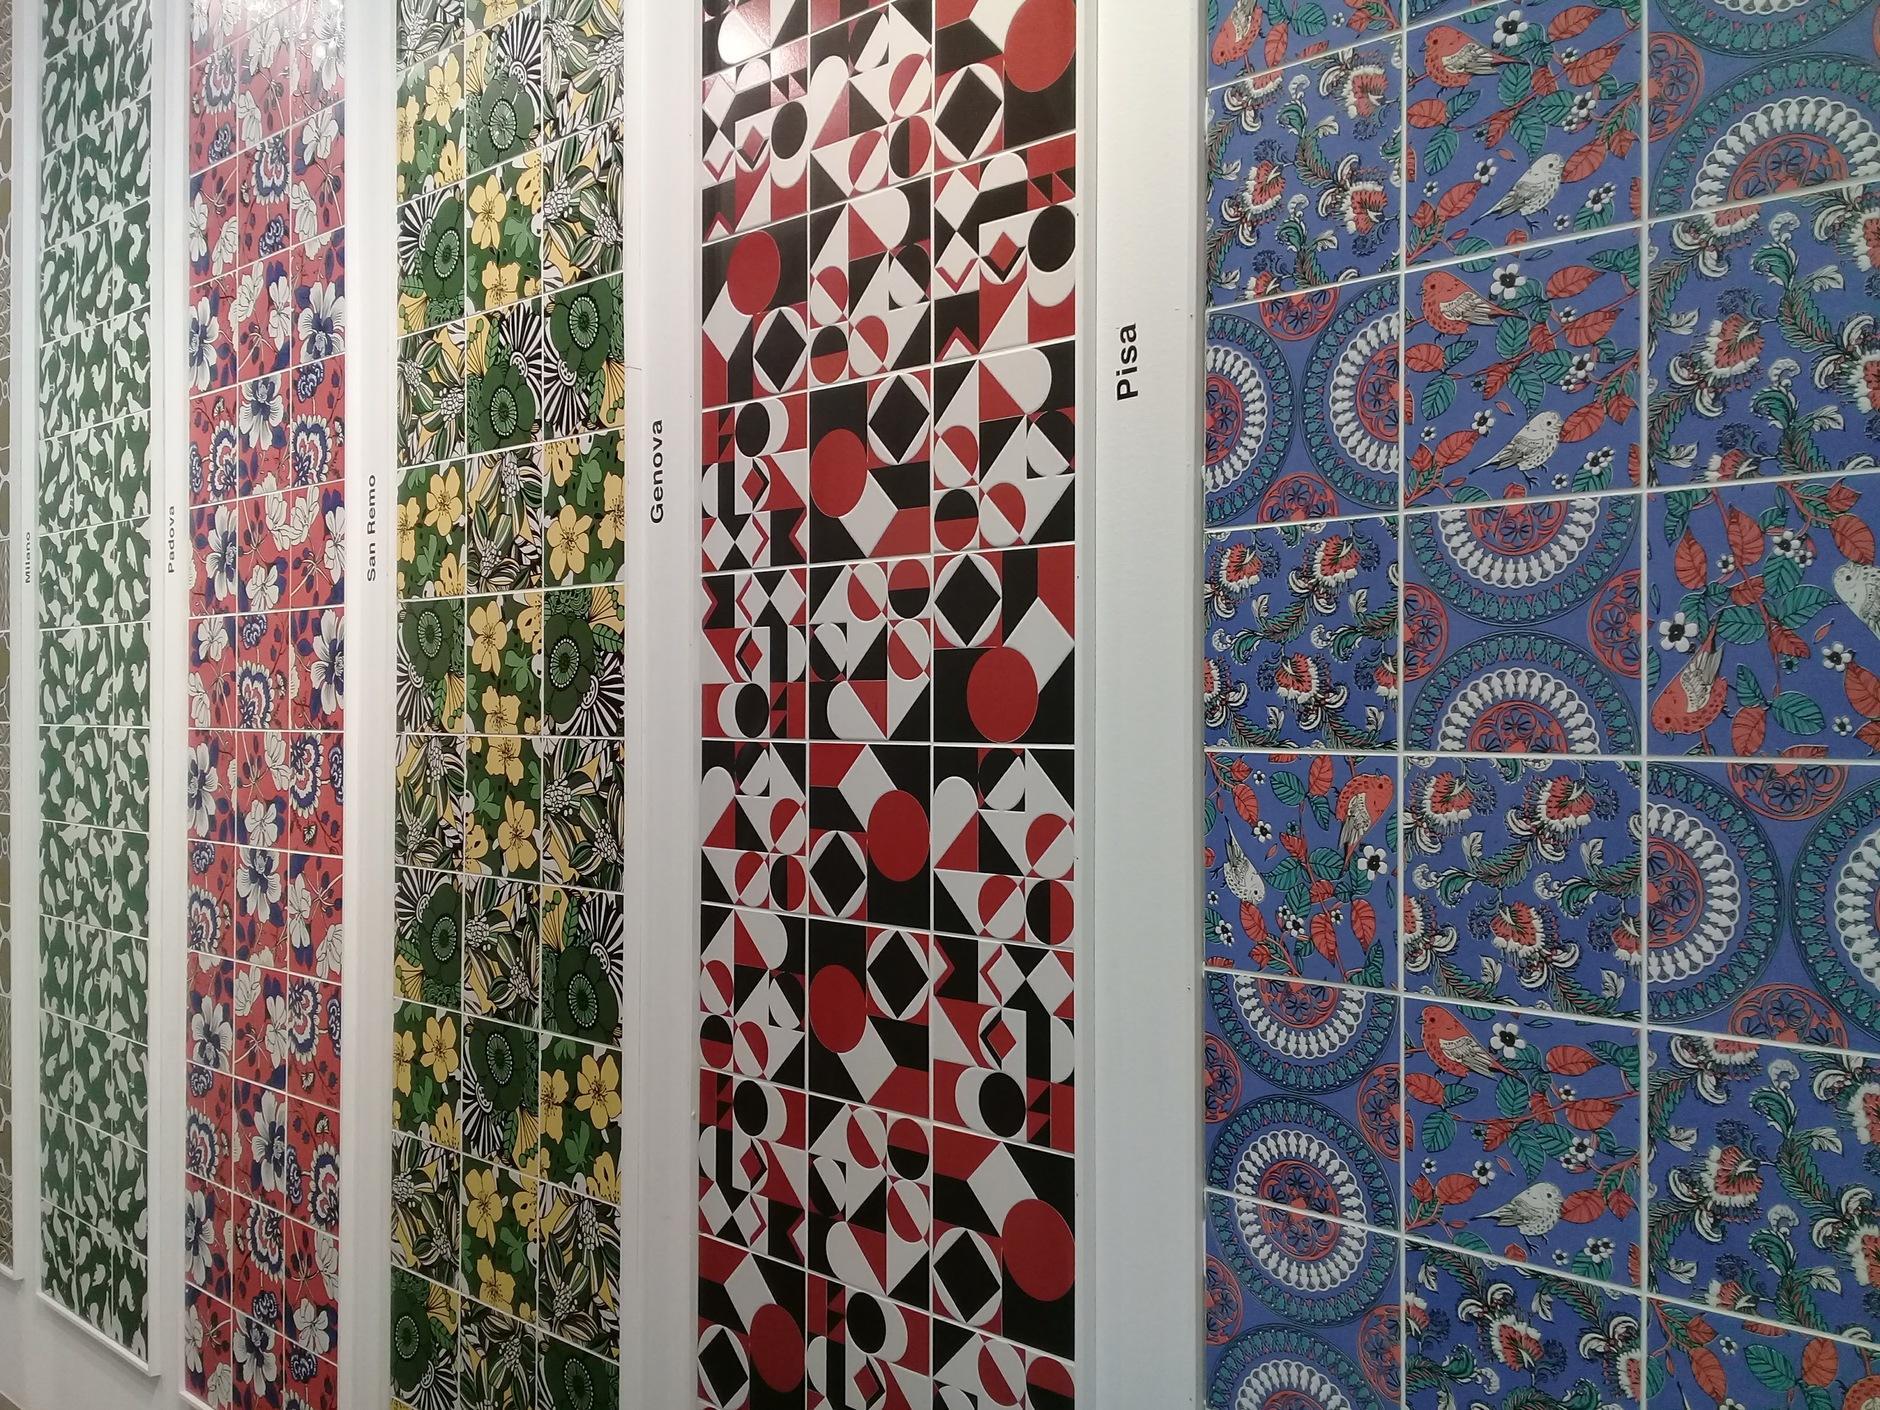 15 новинок выставки Cersaie — керамика как искусство (галерея 16, фото 2)